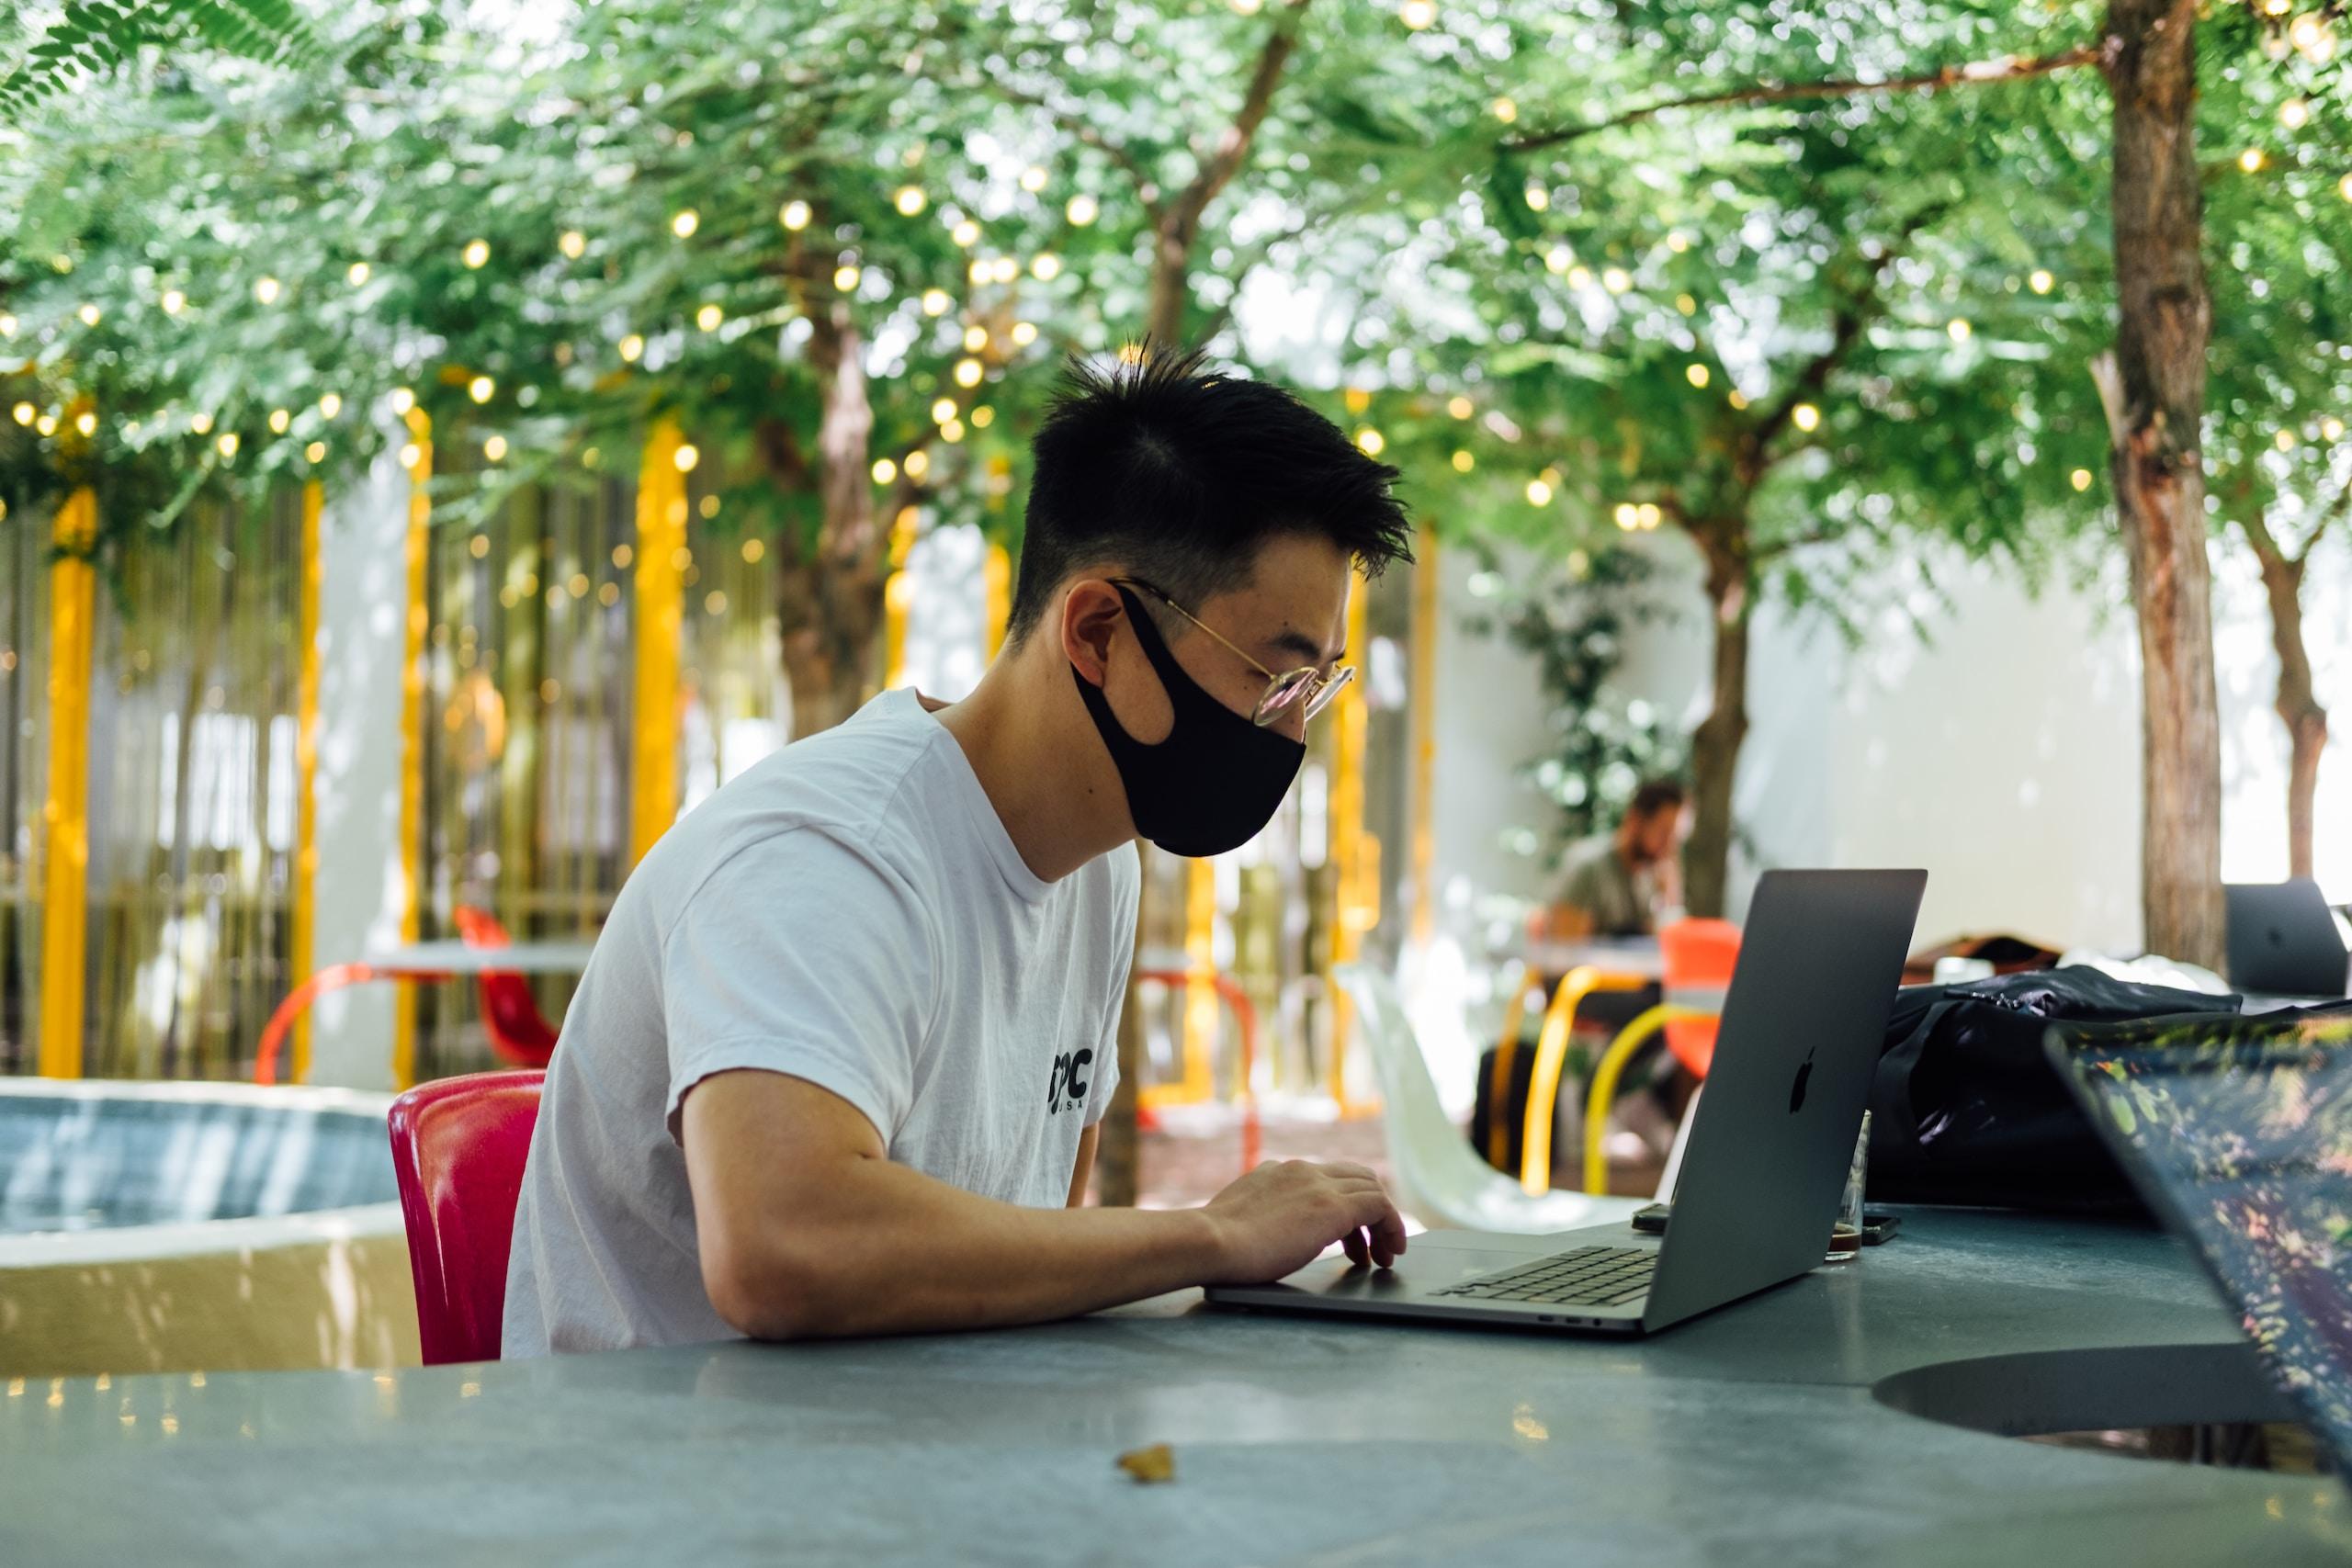 新冠疫情衝擊企業 IT 政策,遠端工作需求構成風險